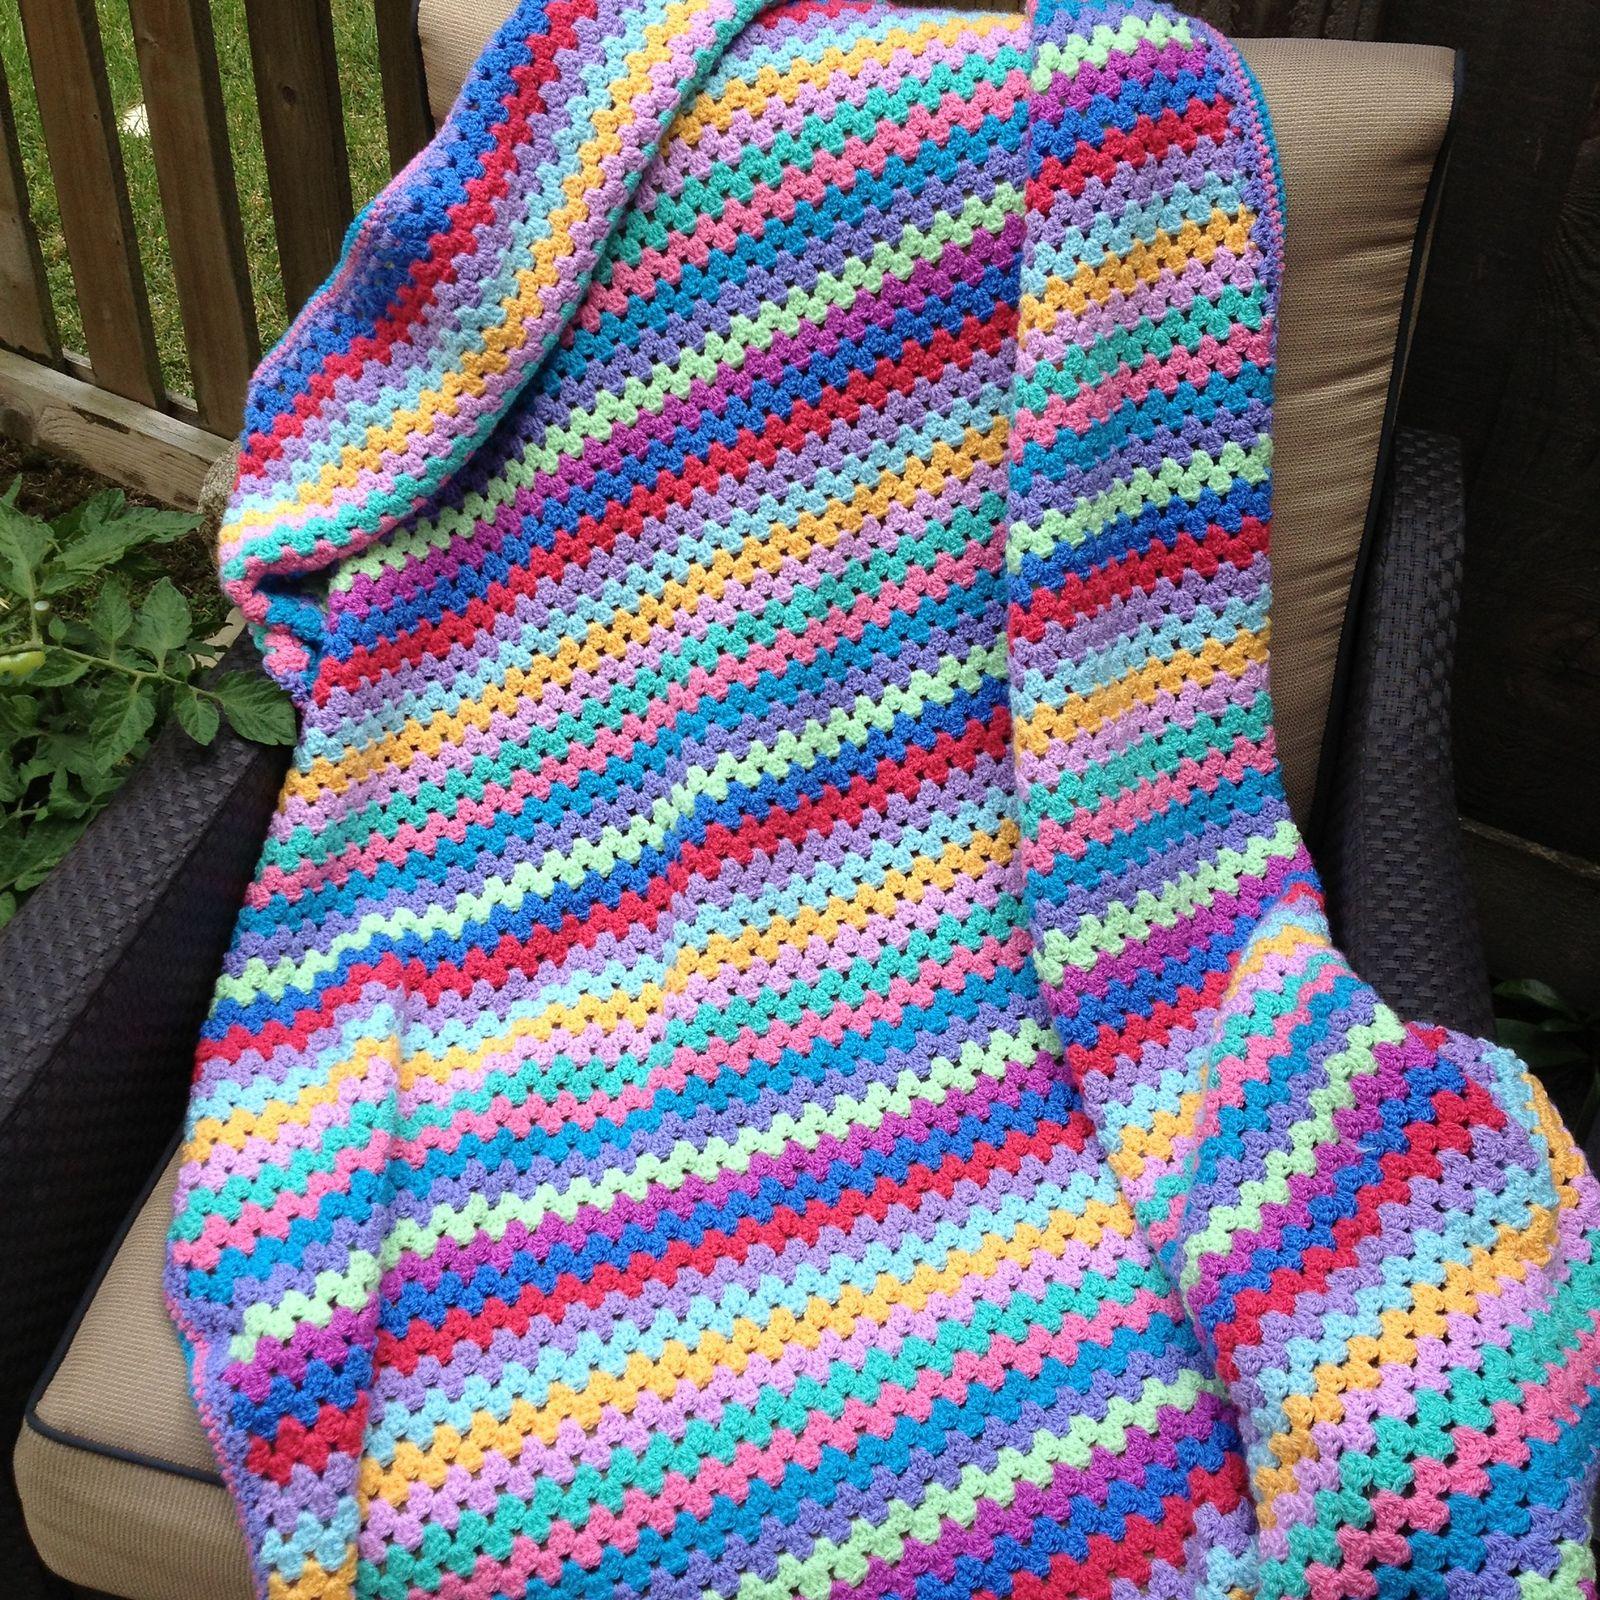 Increíble Crochet Granny Patrón Manta Raya Adorno - Manta de Tejer ...